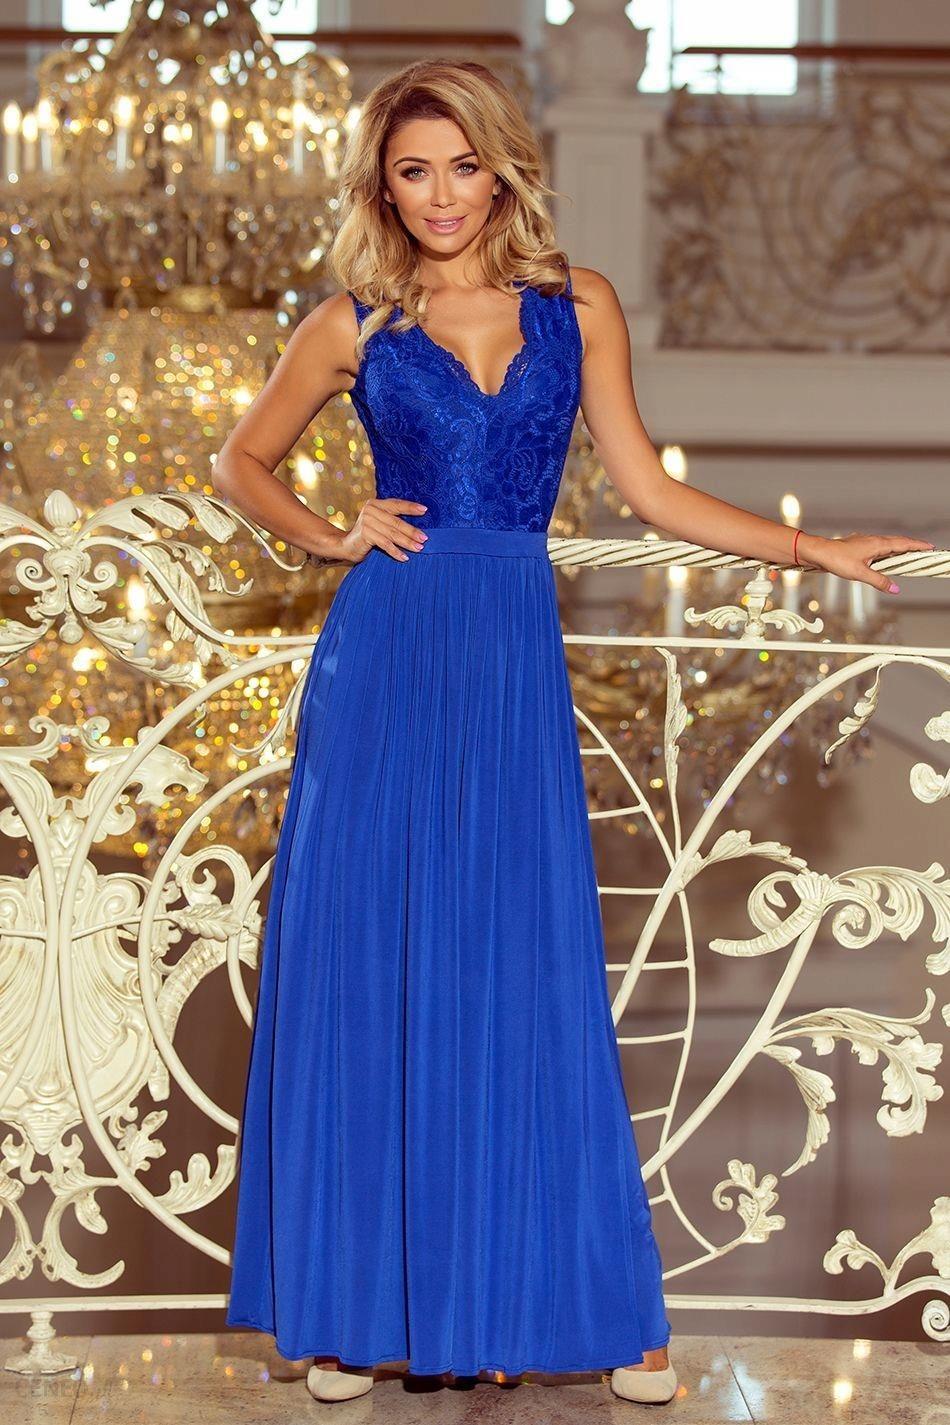 b76e941795 Piękna Długa Sukienka Z Koronkową Górą- chaber XL - Ceny i opinie ...